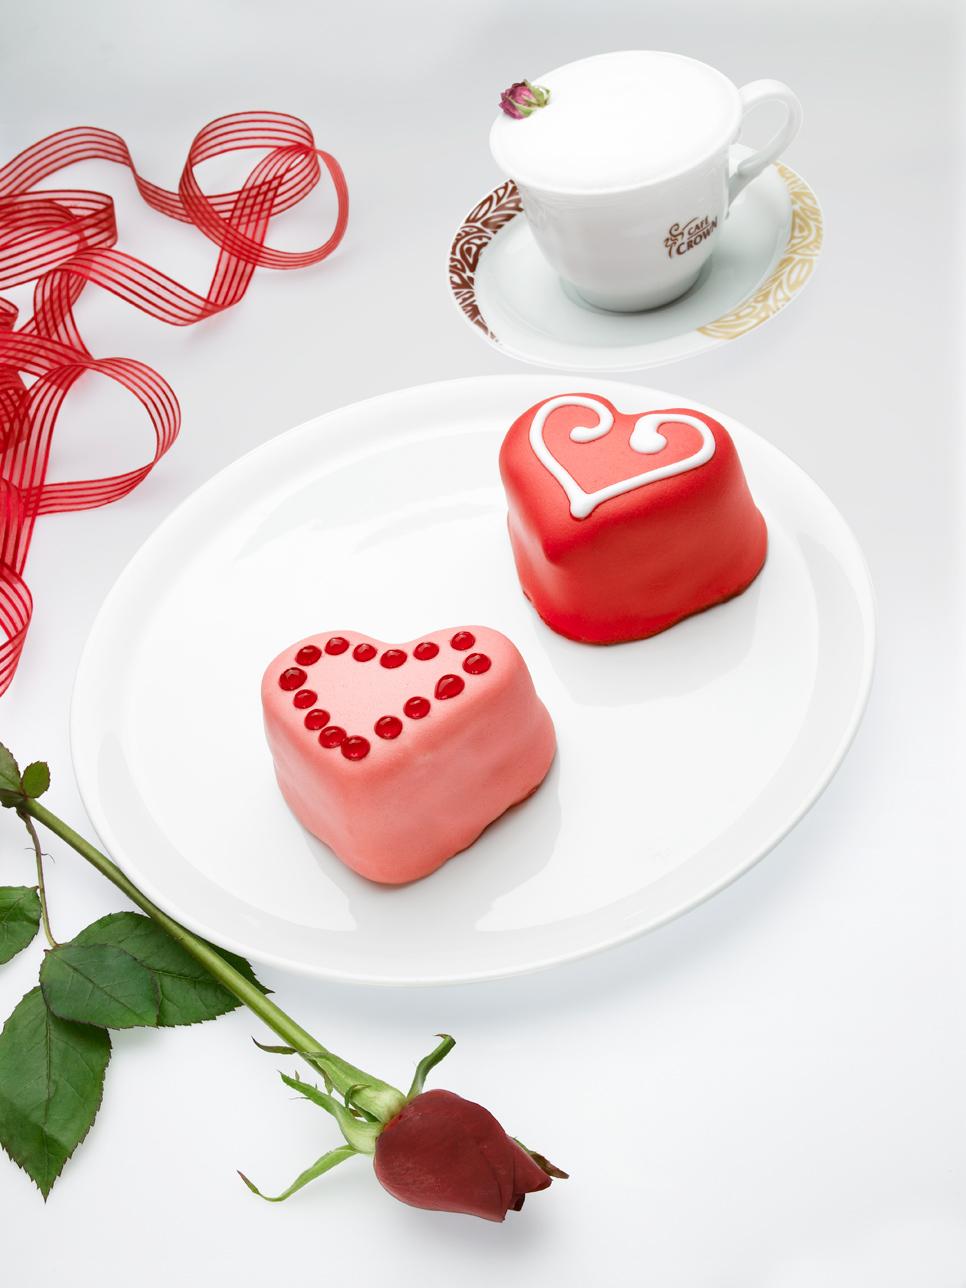 Sevgililer Günü Pastası - Sevgililer Günü Pastası Görselleri 3